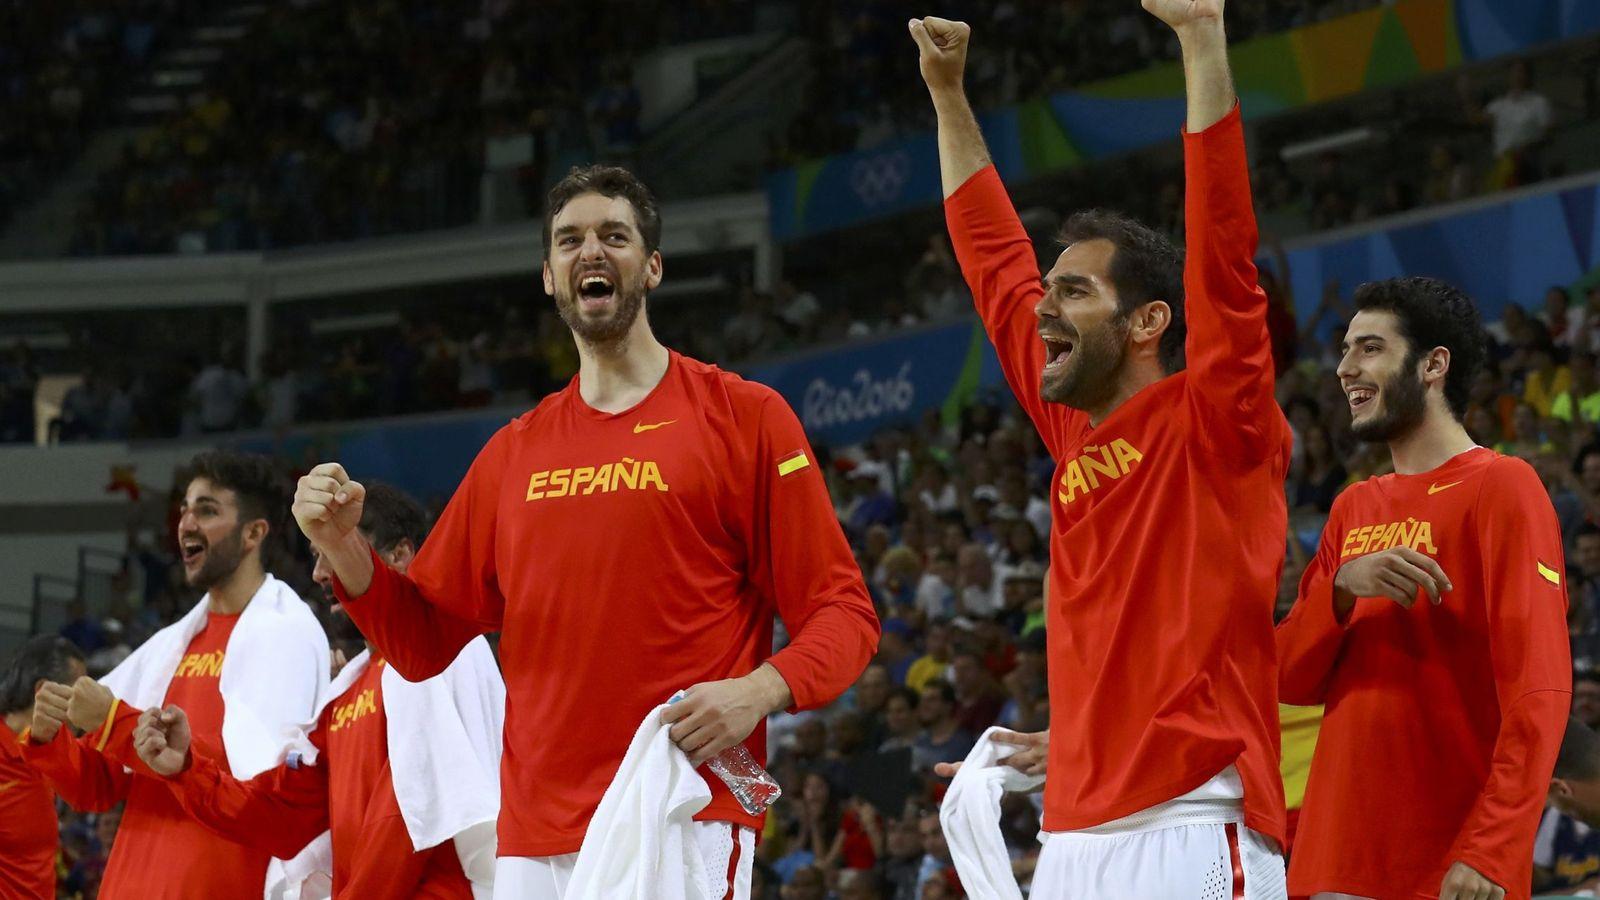 Foto: Los jugadores españoles celebran una canasta en el partido contra Francia (Jim Young/Reuters)